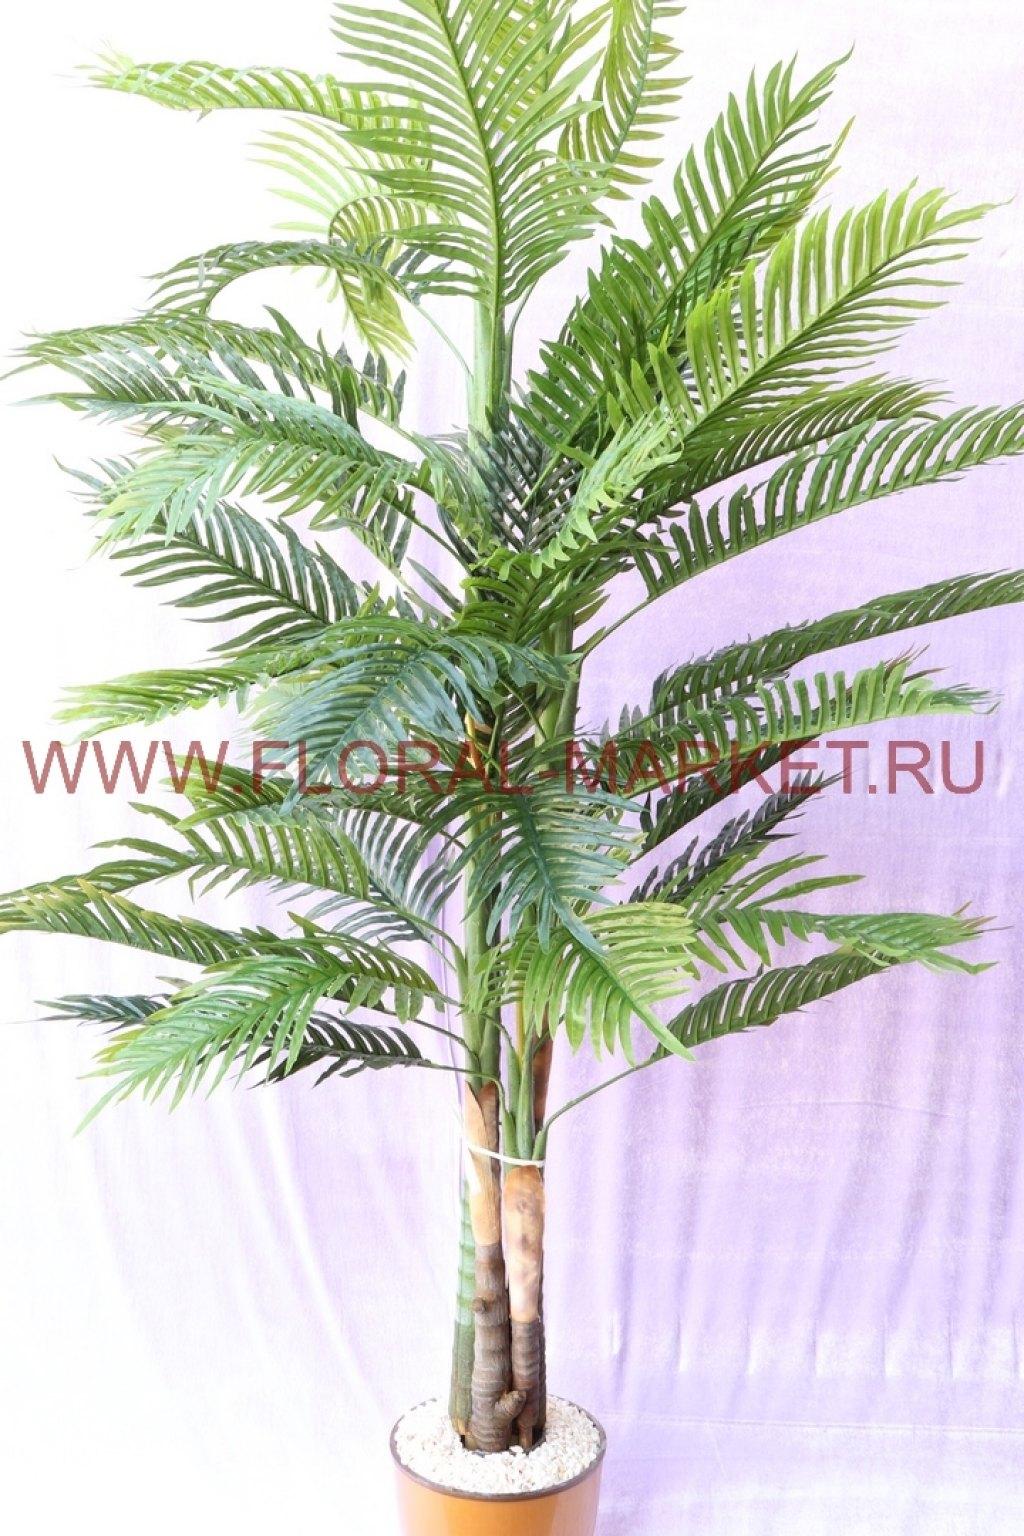 Пальма Финиковая Луиза h=205см.4 ствола